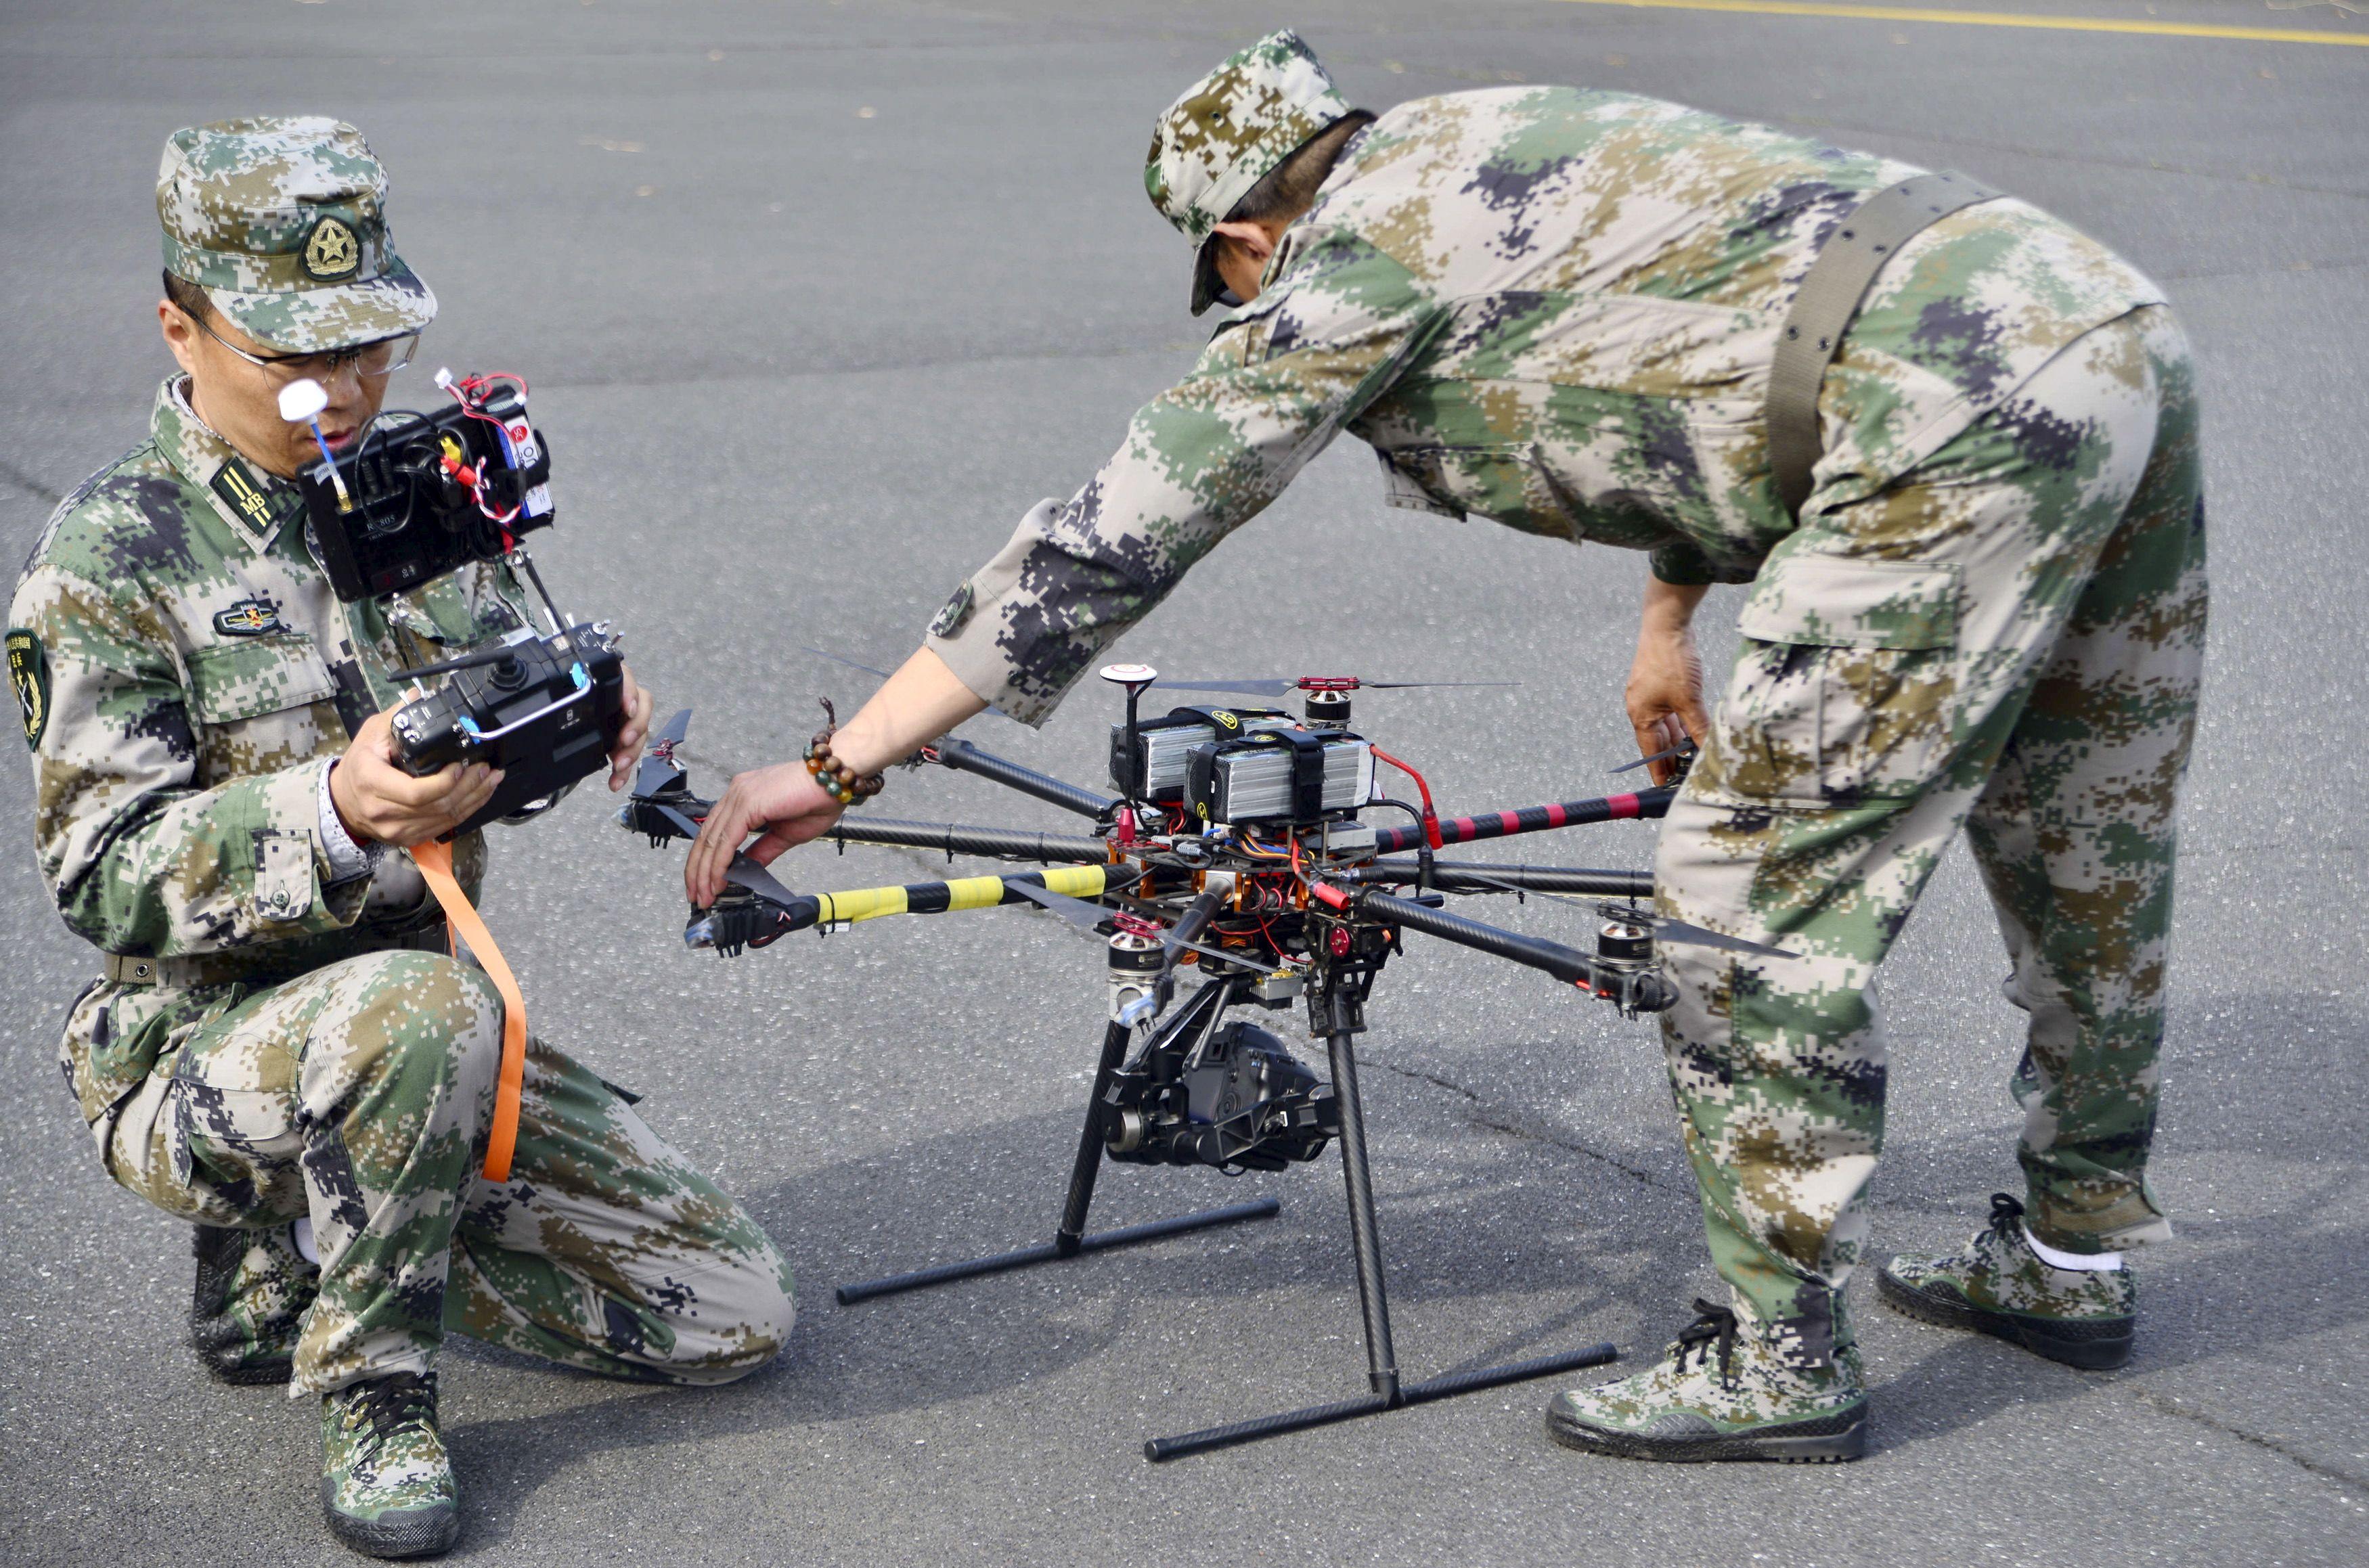 Pourquoi l'EI n'a pas encore utilisé de drones dans ses attaques (et pourquoi ce n'est qu'une question de temps)